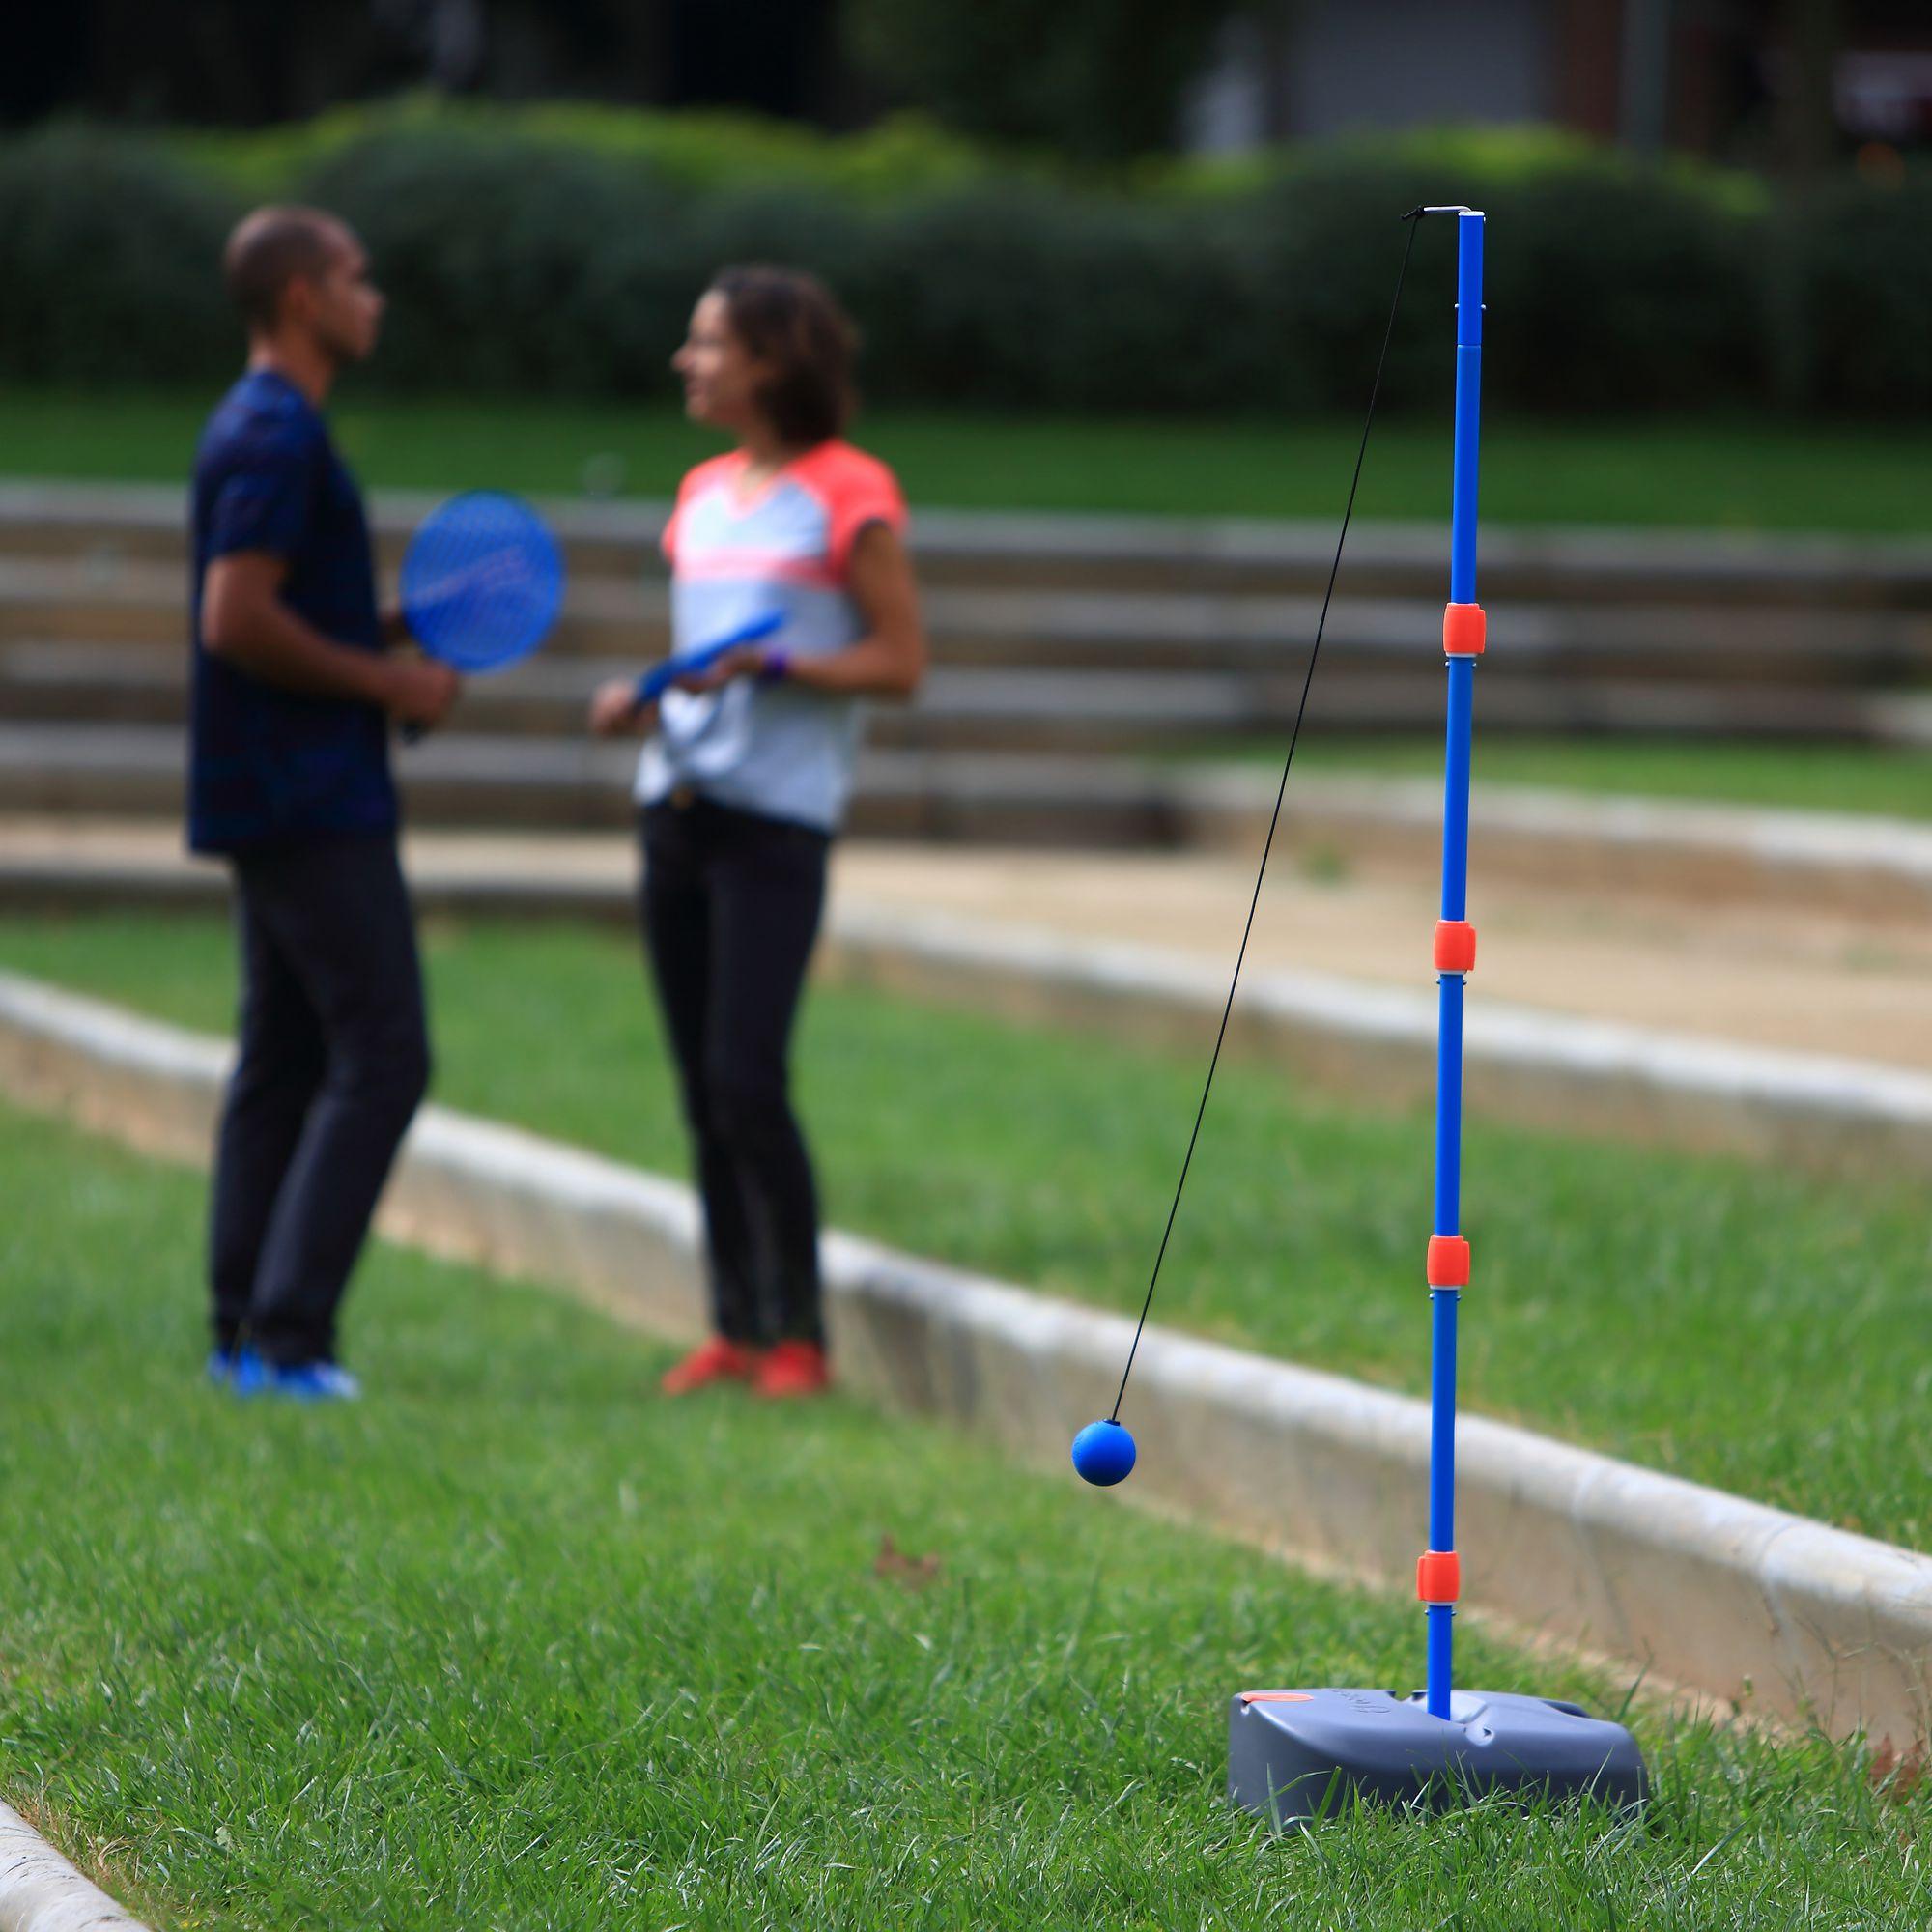 Turnball gris bleu clubs collectivit s decathlon pro - Decathlon jeux exterieur ...